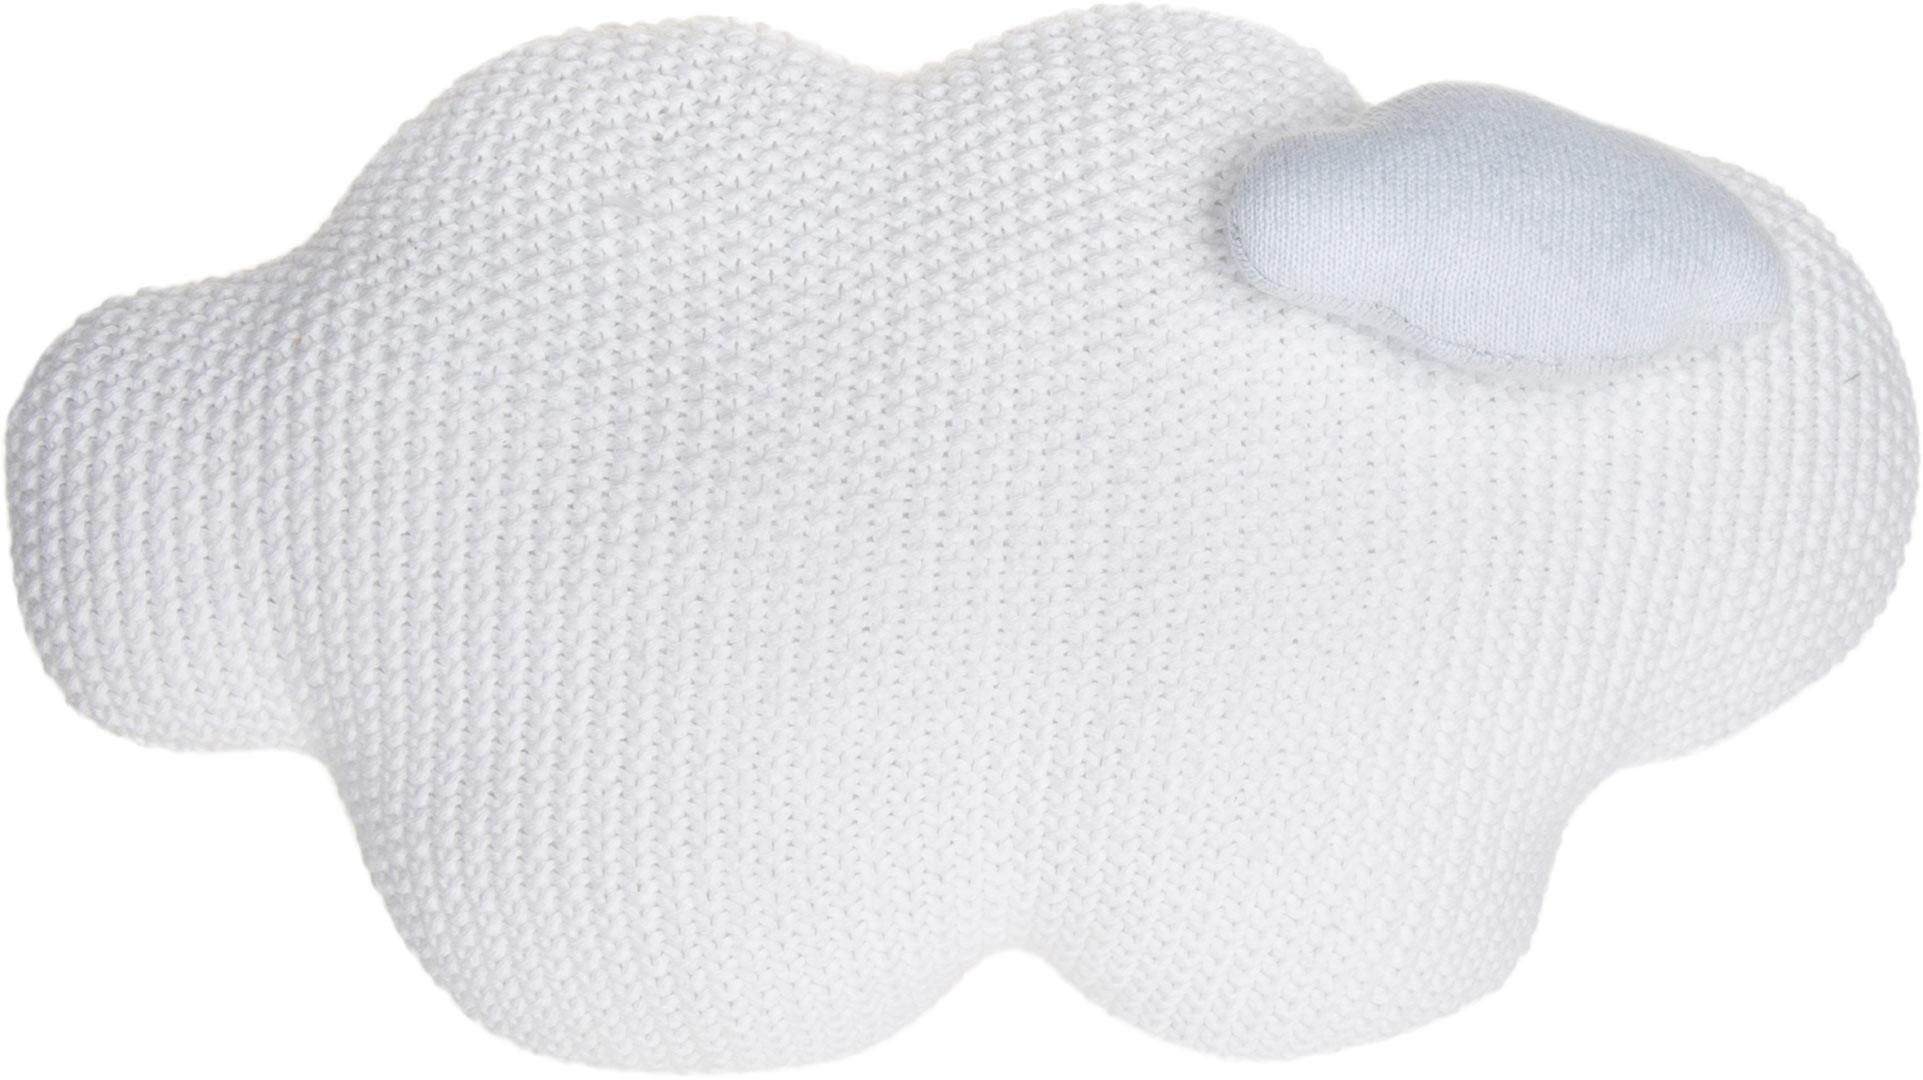 Coussin blanc en coton pour enfant Dream Lorena Canals